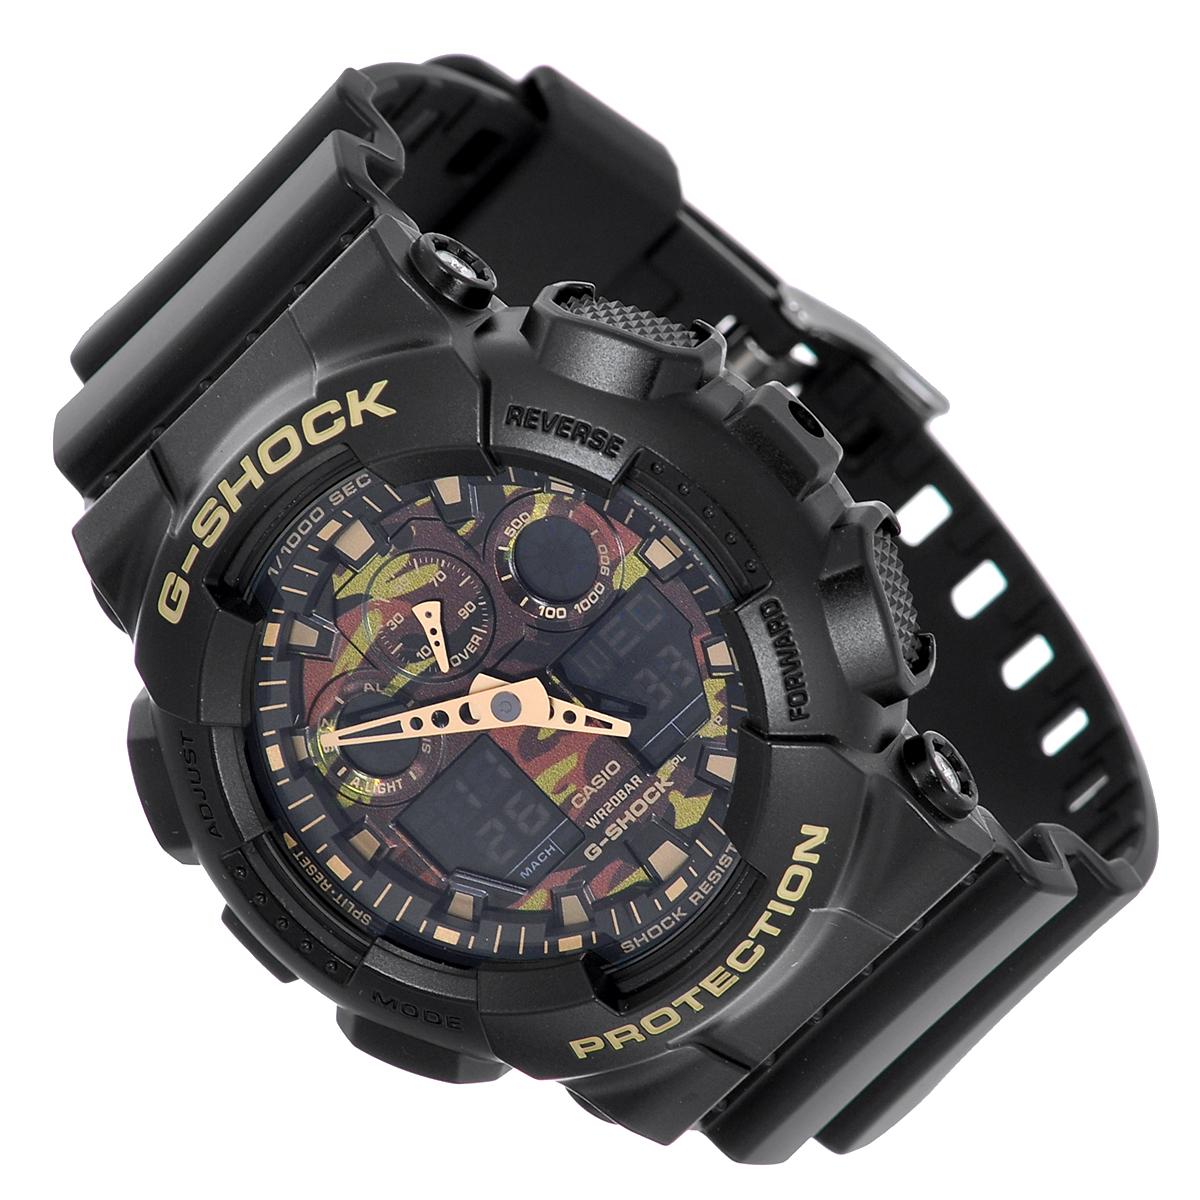 Часы мужские наручные Casio G-Shock, цвет: черный, хаки. GA-100CF-1A9GA-100CF-1A9Стильные кварцевые часы G-Shock от японского брэнда Casio - это яркий функциональный аксессуар для современных людей, которые стремятся выделиться из толпы и подчеркнуть свою индивидуальность. Часы выполнены в спортивном стиле. Корпус имеет ударопрочную конструкцию, защищающую механизм от ударов и вибрации. Циферблат с отметками и двумя стрелками подсвечивается светодиодом. Функция автоподсветки освещает циферблат при повороте часов к лицу. Ремешок из пластика имеет классическую застежку. Основные функции: - 5 будильников, один из которых с функцией Snooze, ежечасный сигнал; - автоматический календарь (число, месяц, день недели, год); - секундомер с точностью показаний 1/1000 с и временем измерения 100 ч; - 12-ти и 24-х часовой формат времени; - таймер обратного отсчета от 1 мин до 24 ч с автоповтором; - мировое время; - сплит-хронограф; - защита от магнитных полей; ...